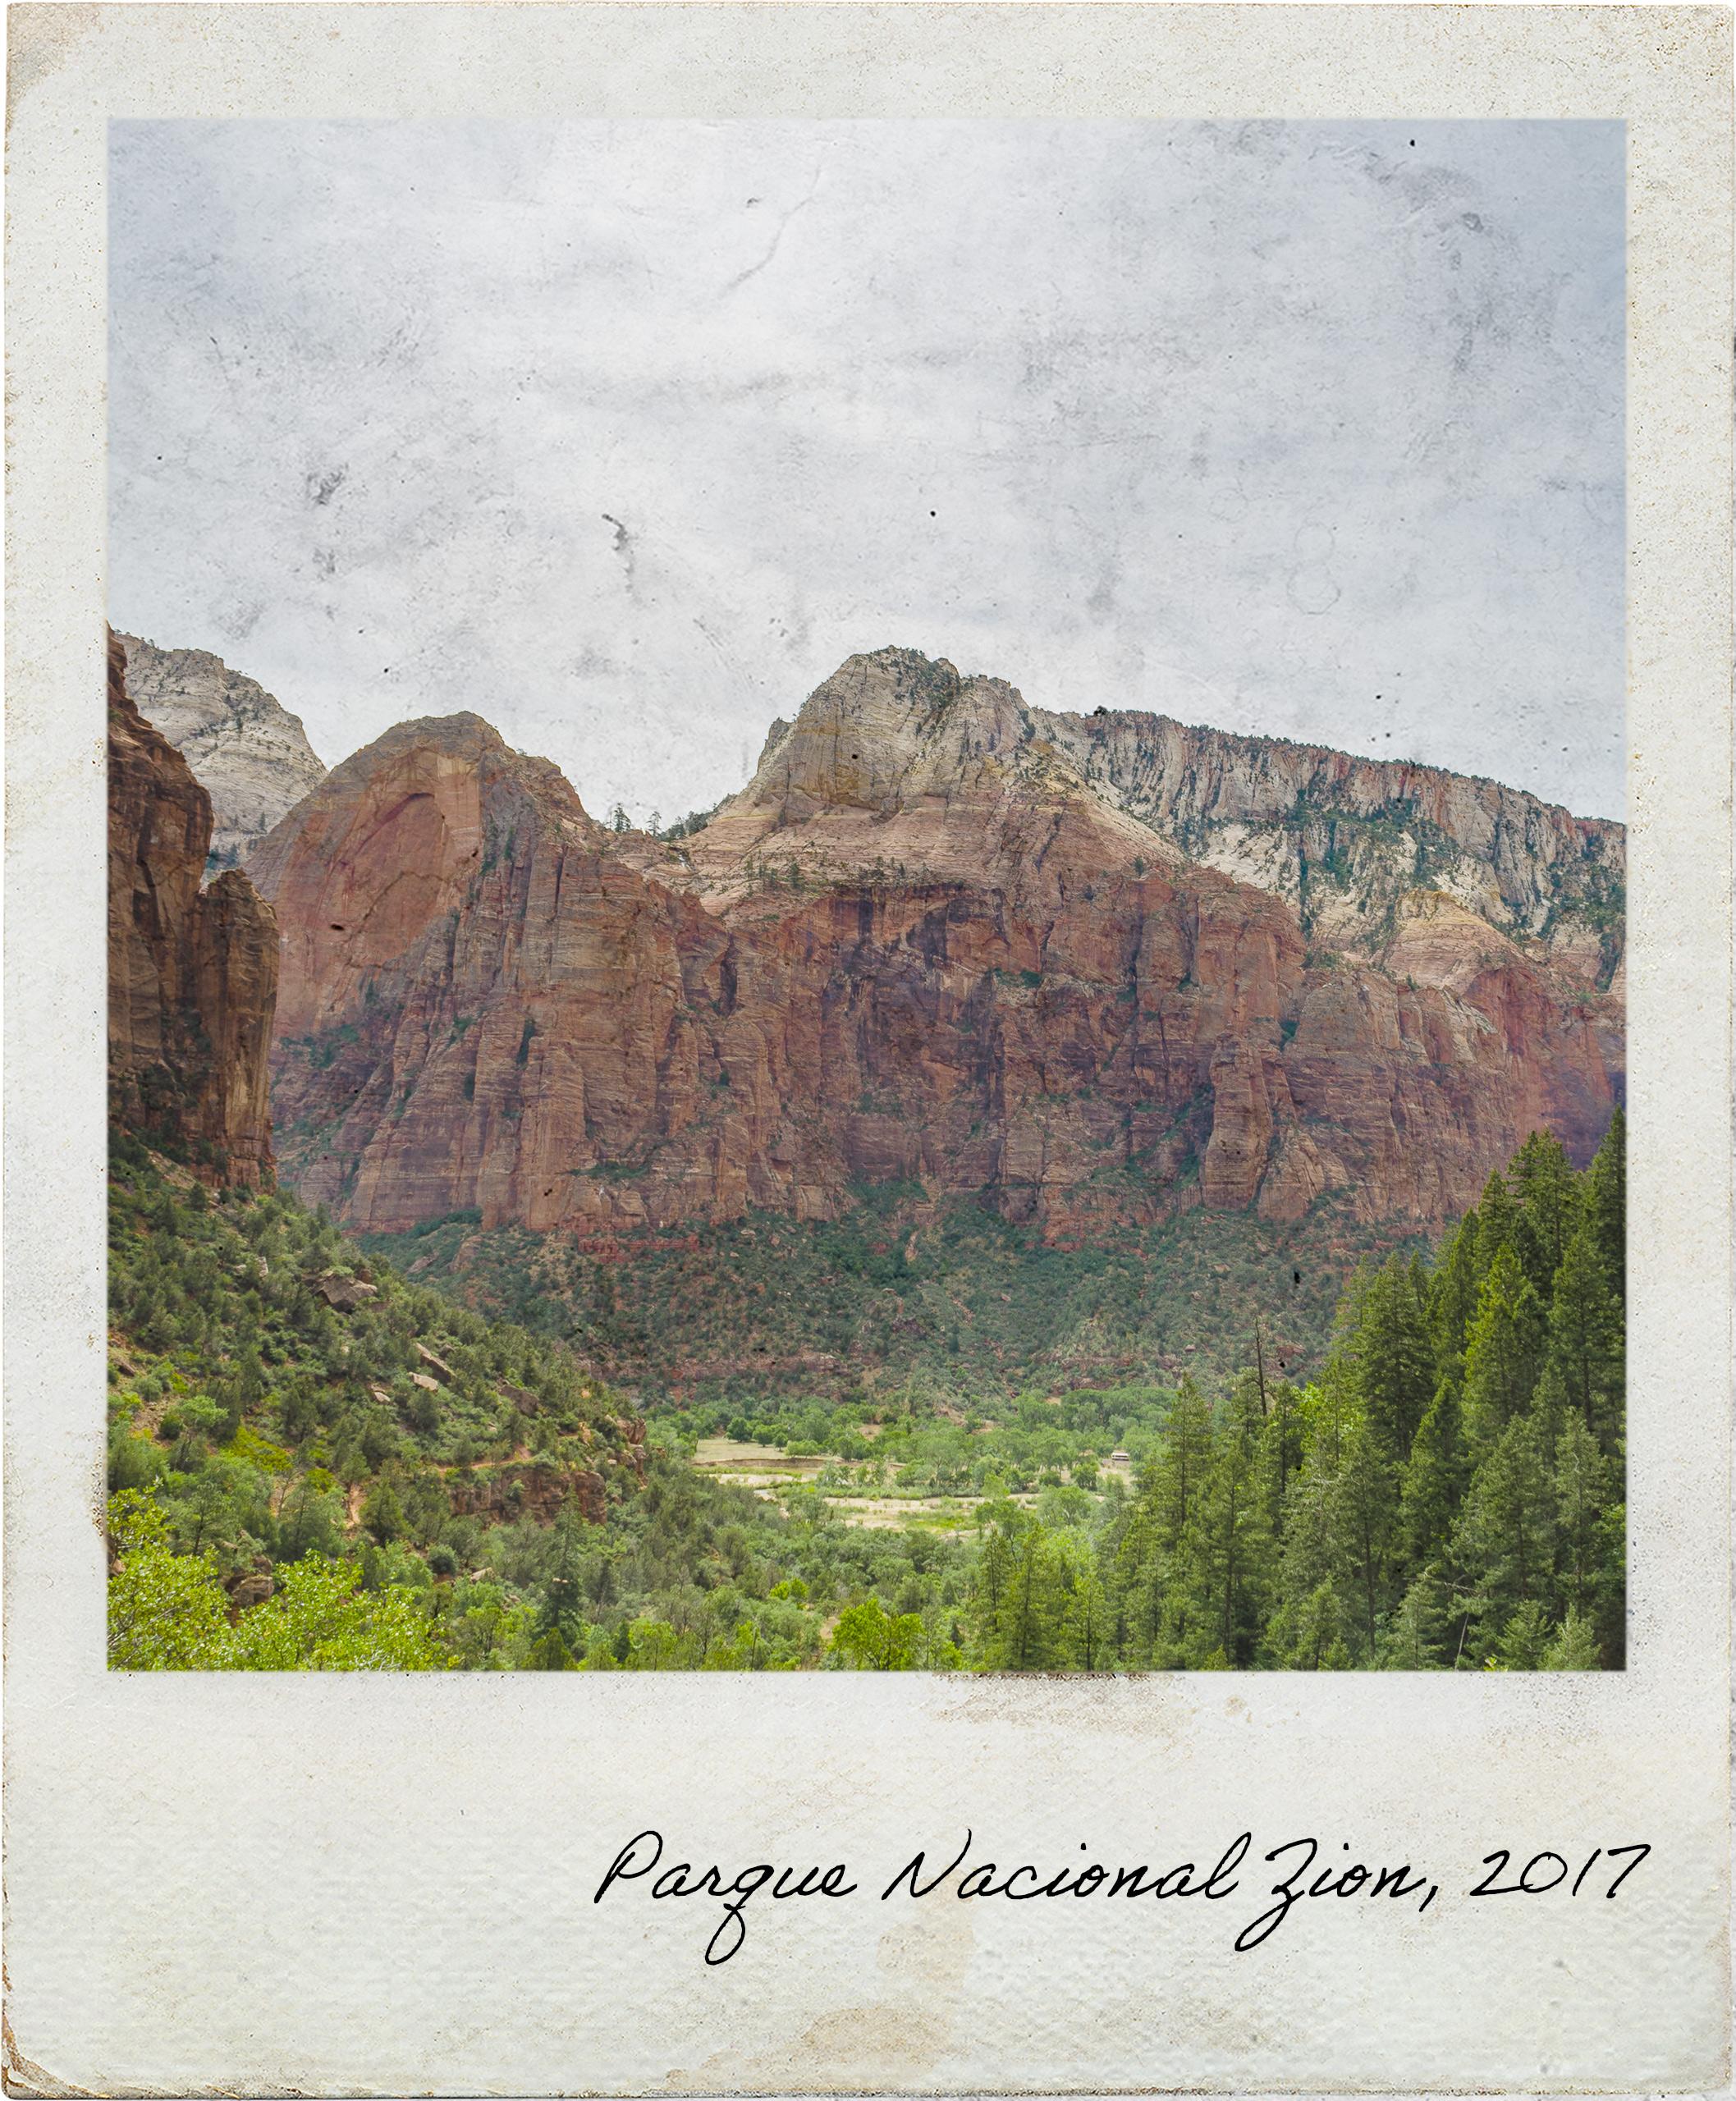 Vista para parte do Vale do Parque Nacional Zion